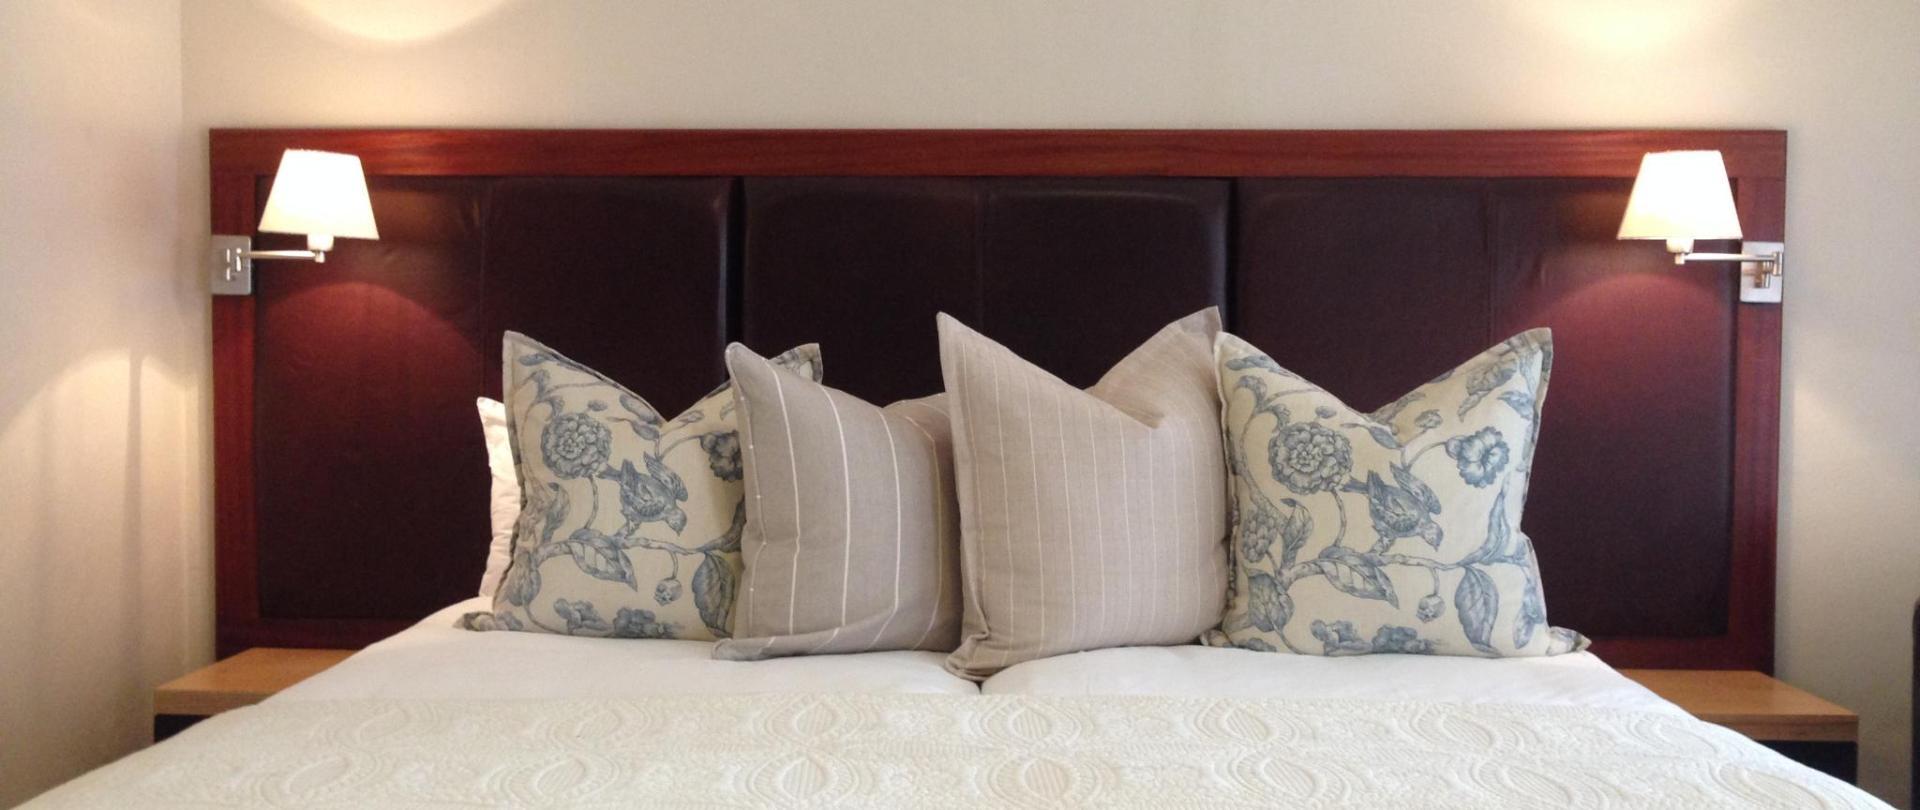 De Noordhoek Lifestyle Hotel King Bed Comfort.jpg